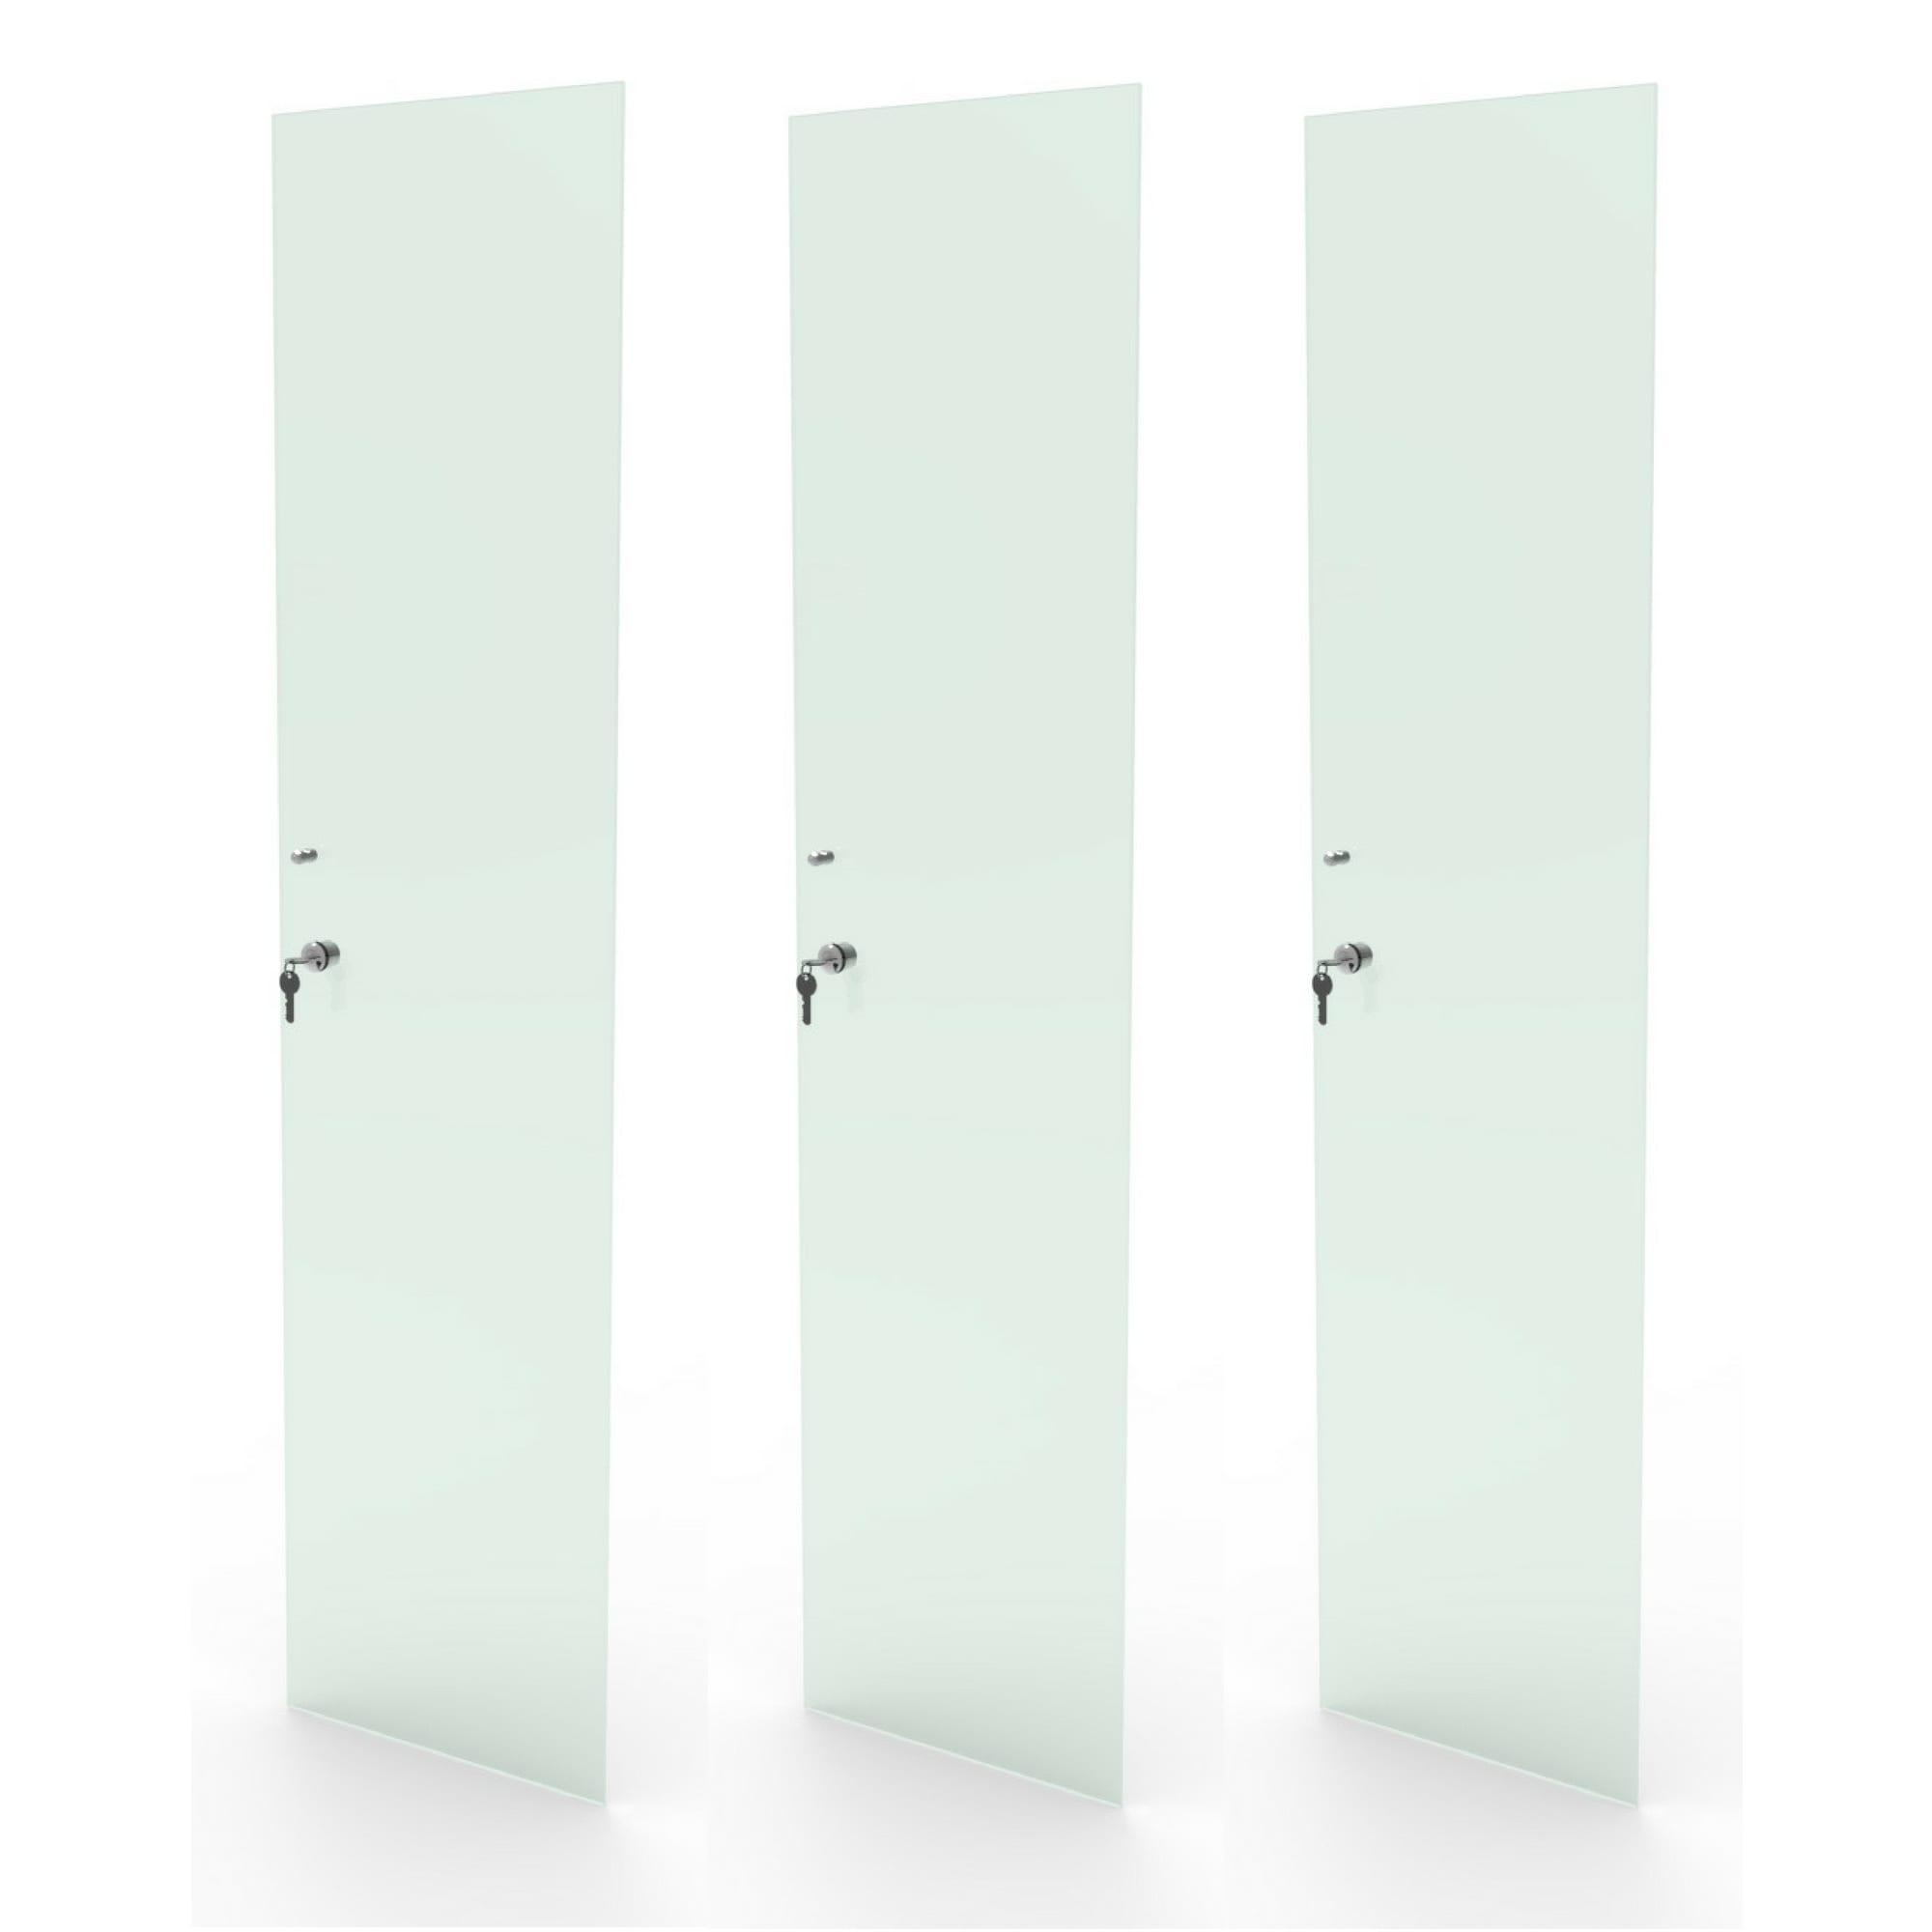 Kit 3 portas de vidro incolor com chave para estante CD e DV Bürohaus